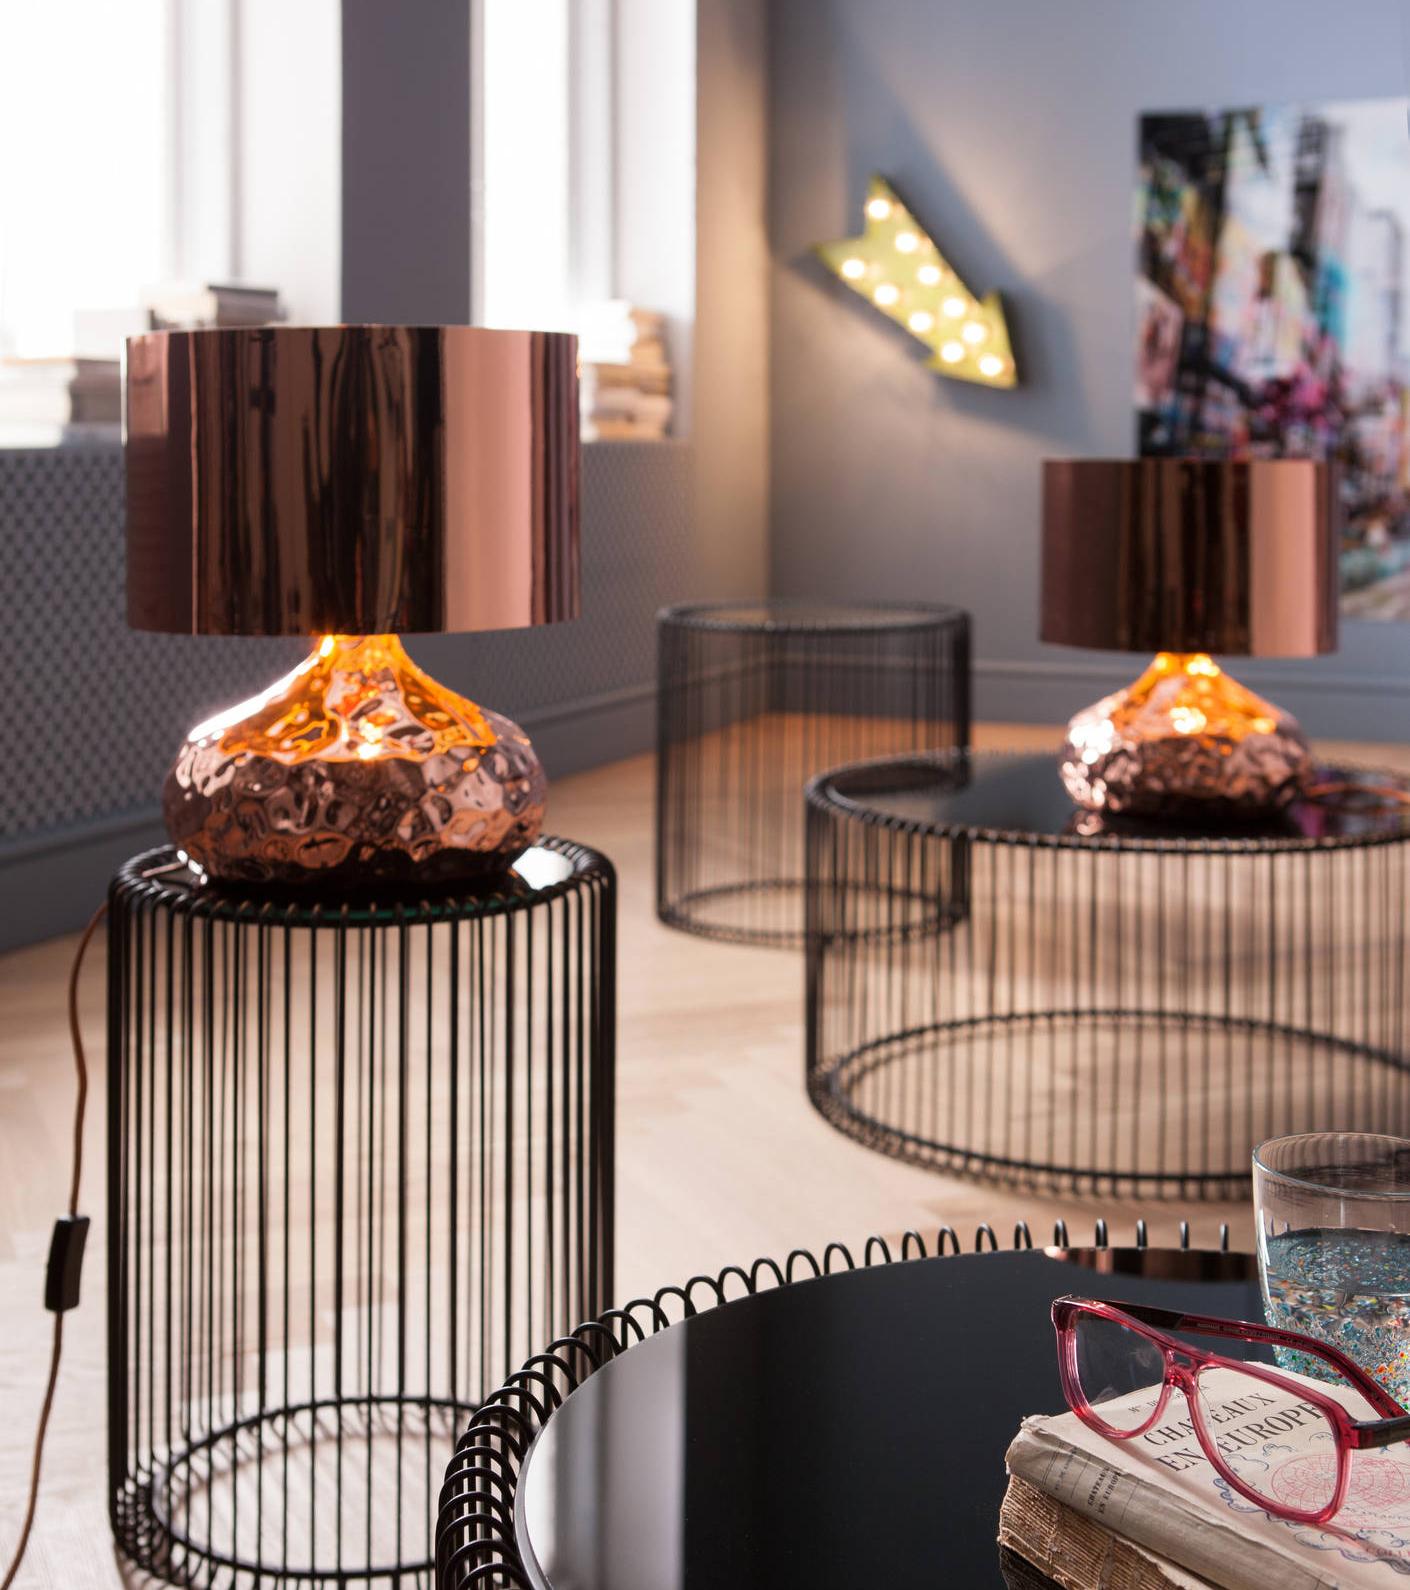 Lampe Cuivre Design Le Luminaire Touchepasamoncorps